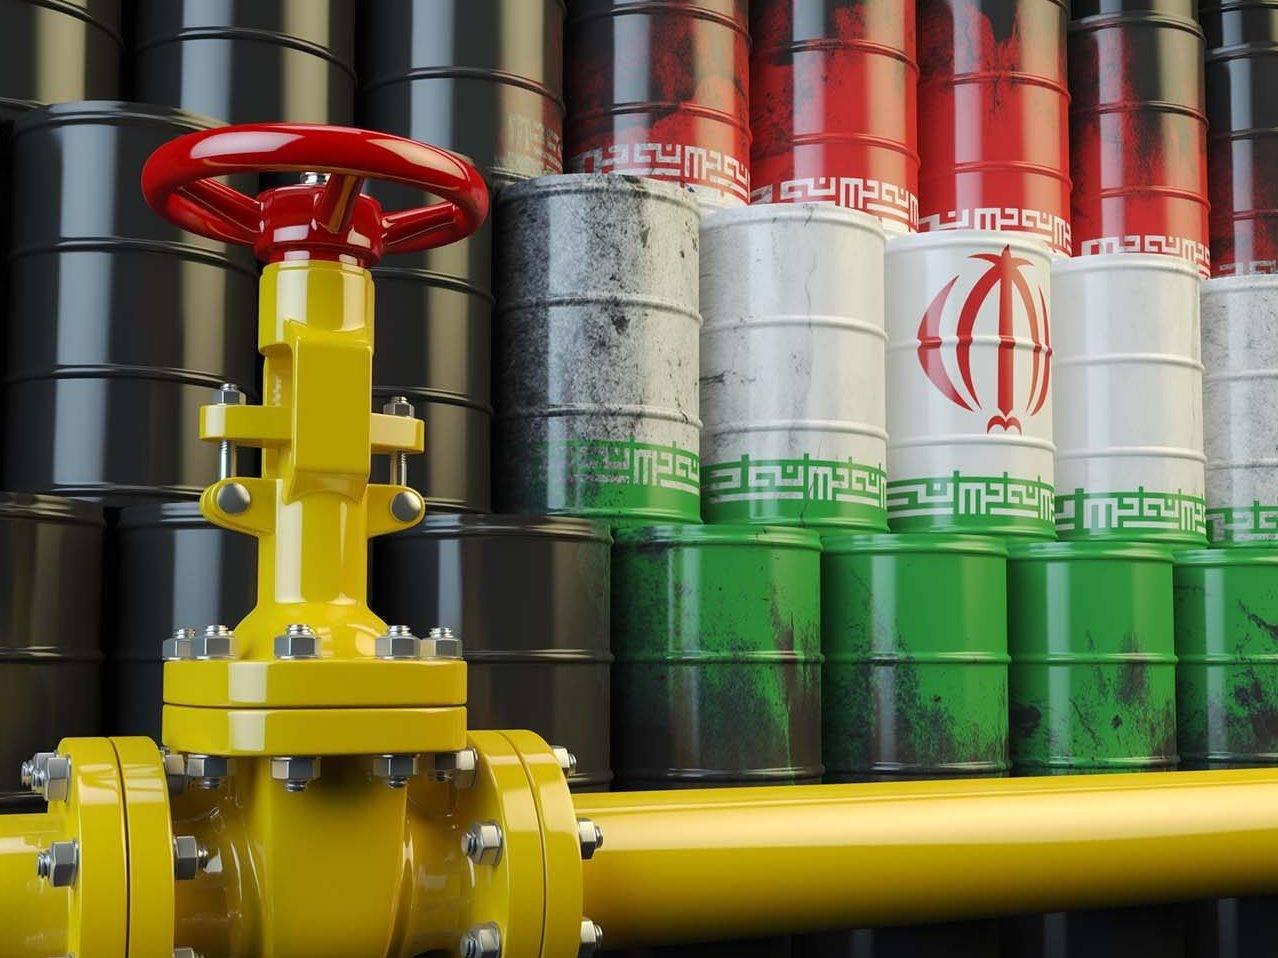 تحریم نفتی ایران,اخبار اقتصادی,خبرهای اقتصادی,نفت و انرژی